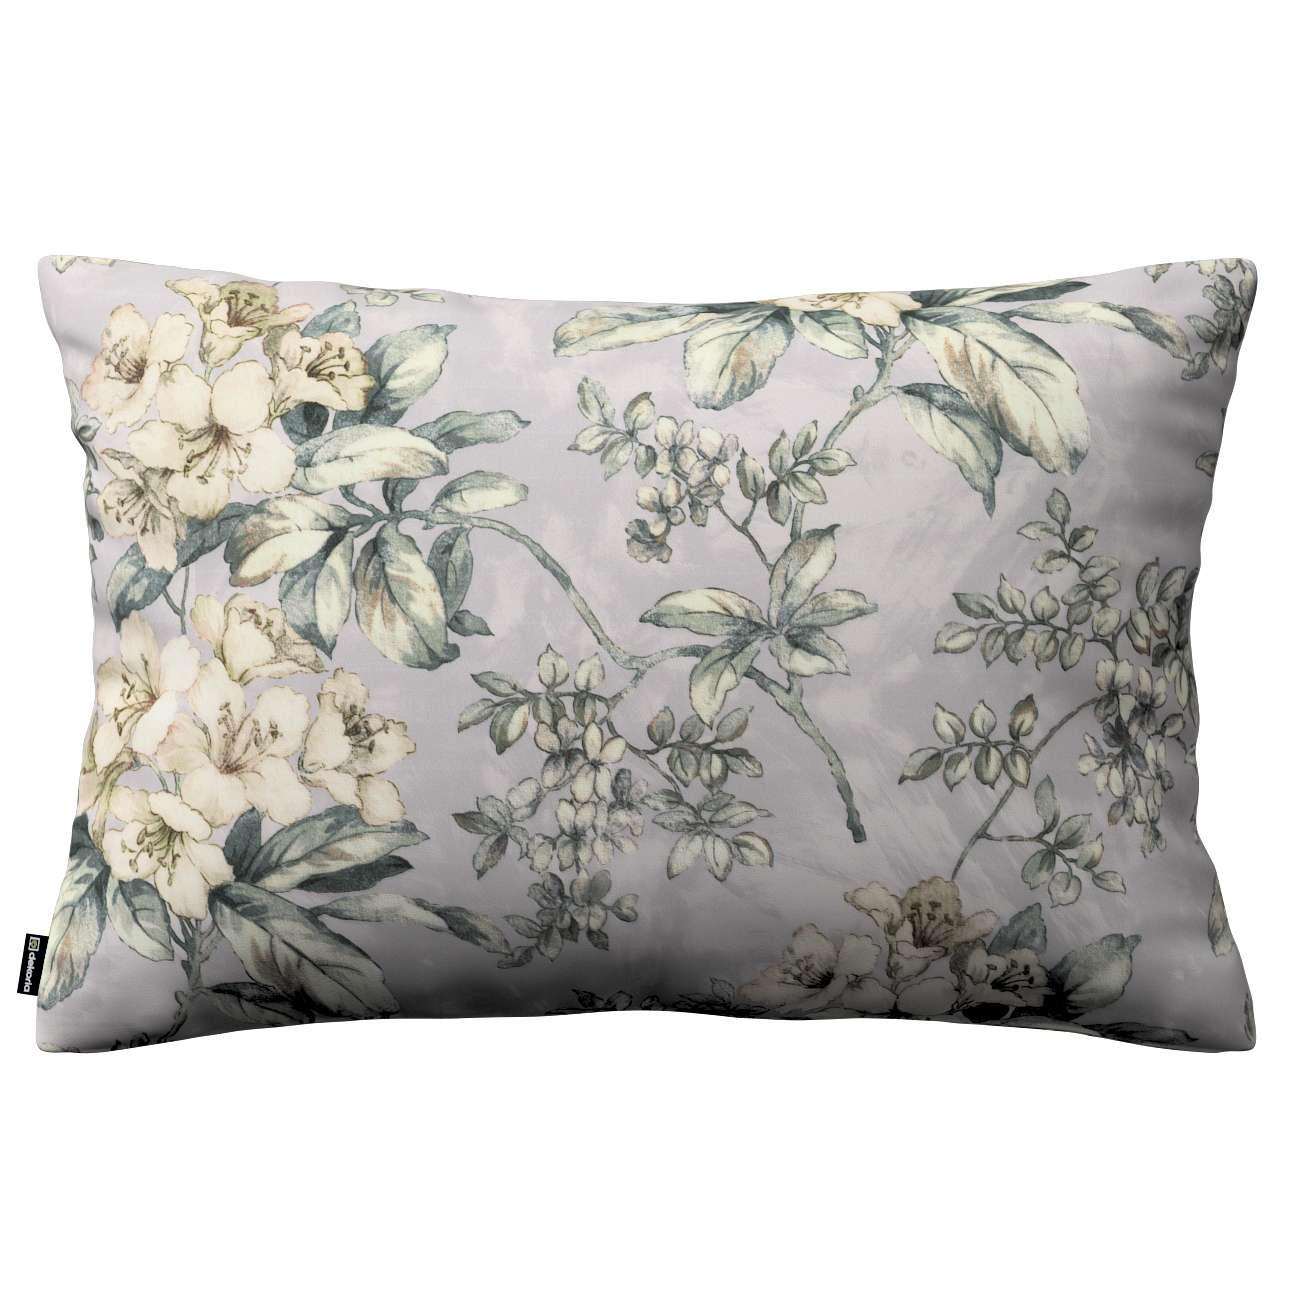 Poszewka Kinga na poduszkę prostokątną w kolekcji Londres, tkanina: 143-36